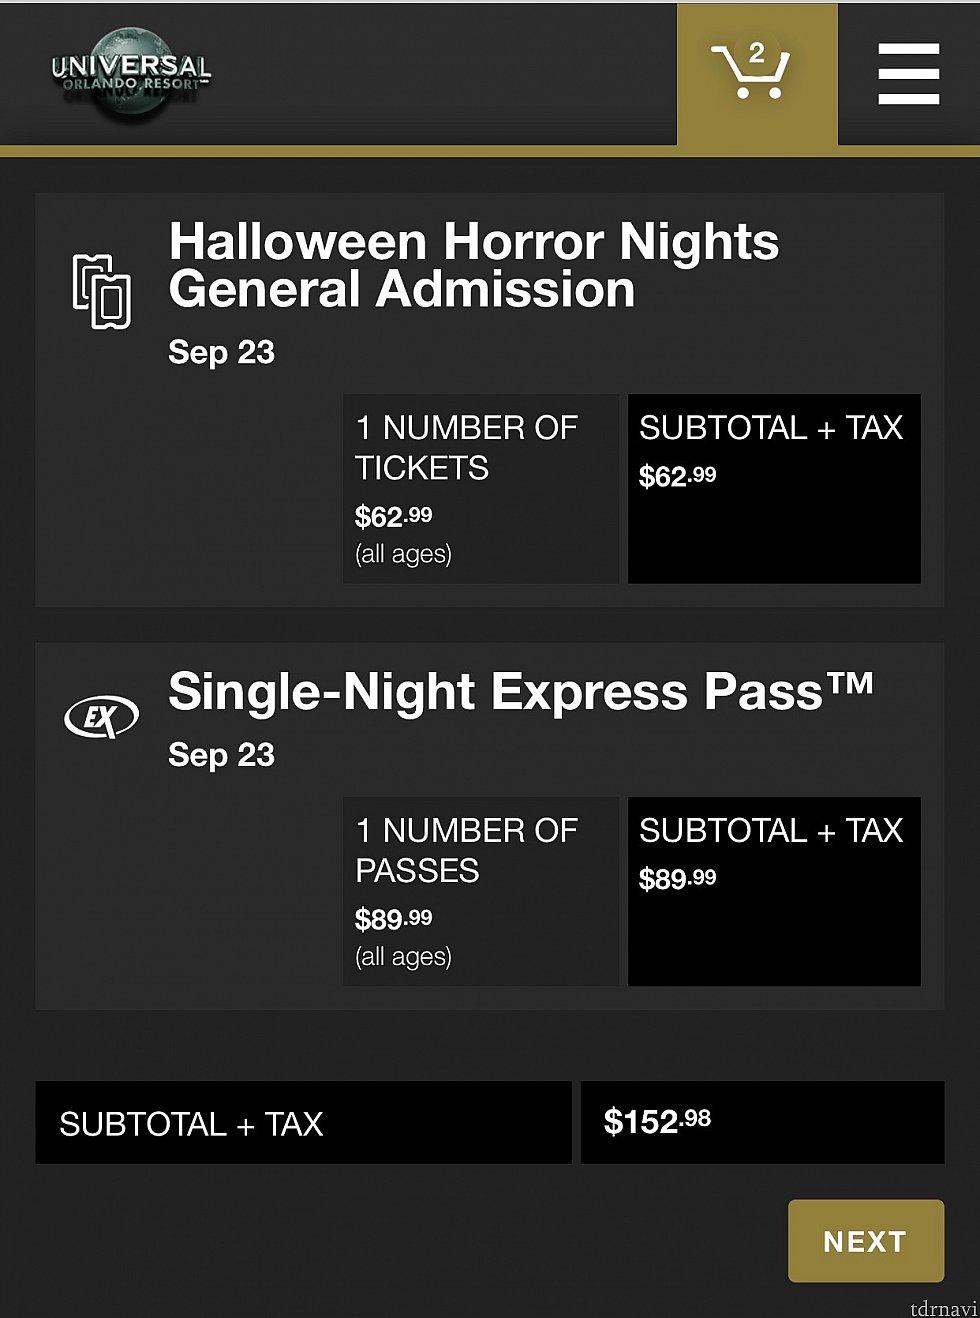 チケットはオンラインで購入しプリントアウトもしくはスマホでQRコードを見せればOKです。 両方用意しておくのをお勧めします。